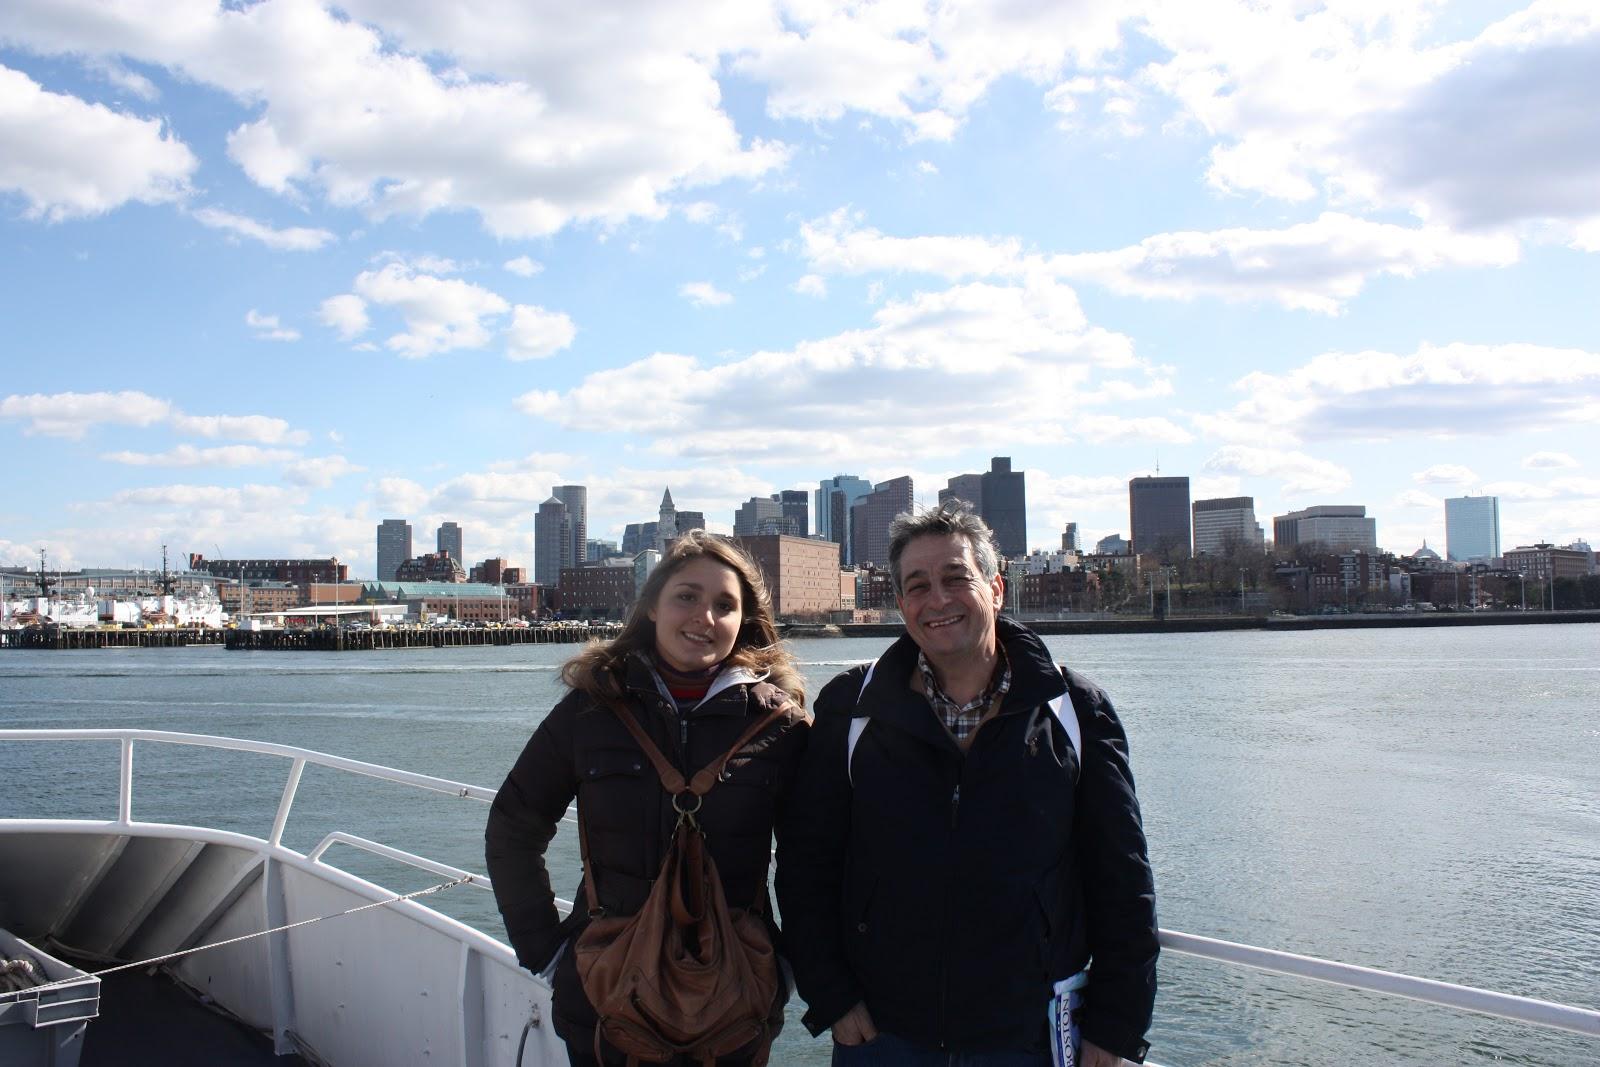 Boston: Un día de historia y cultura por el Freedom Trail